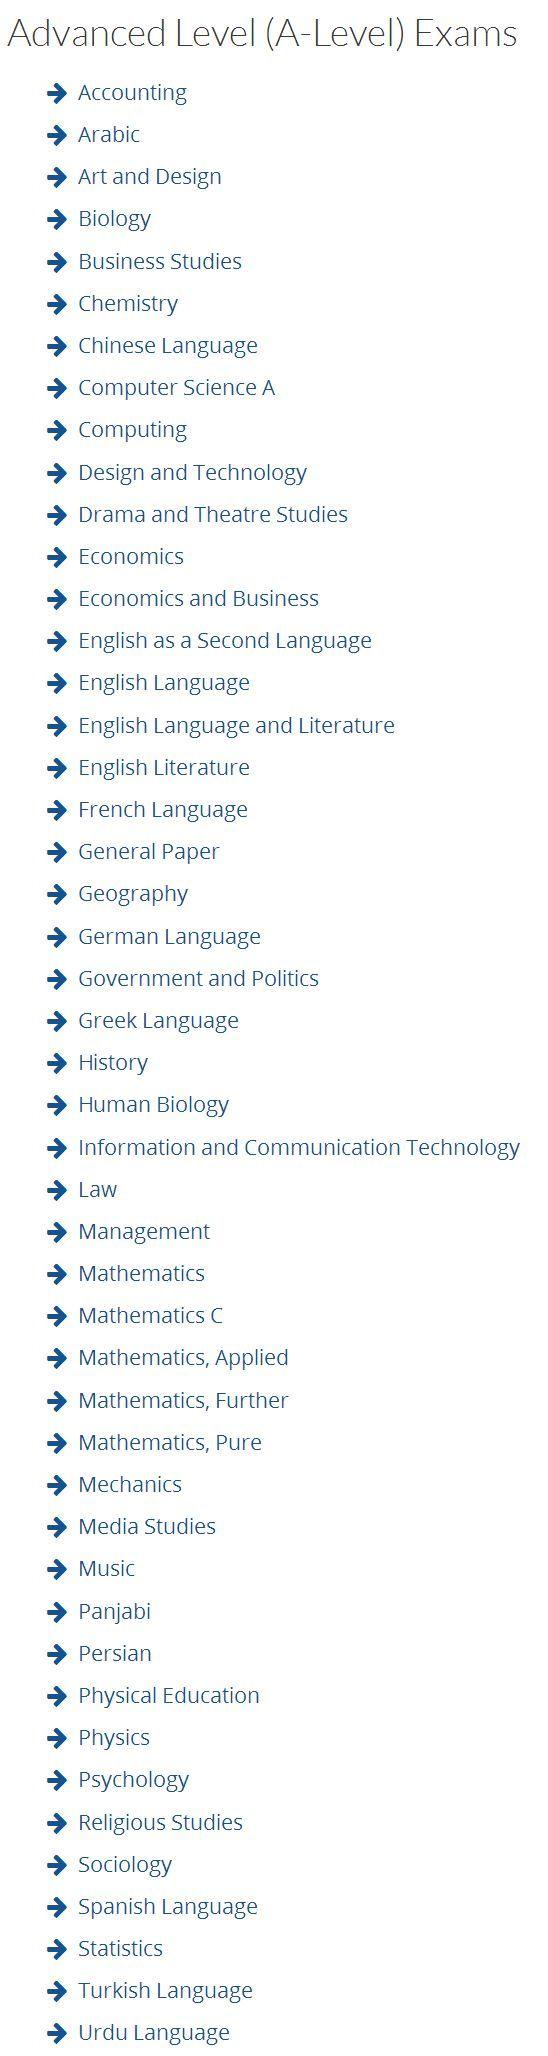 申请美国大学 A-level 注意事项